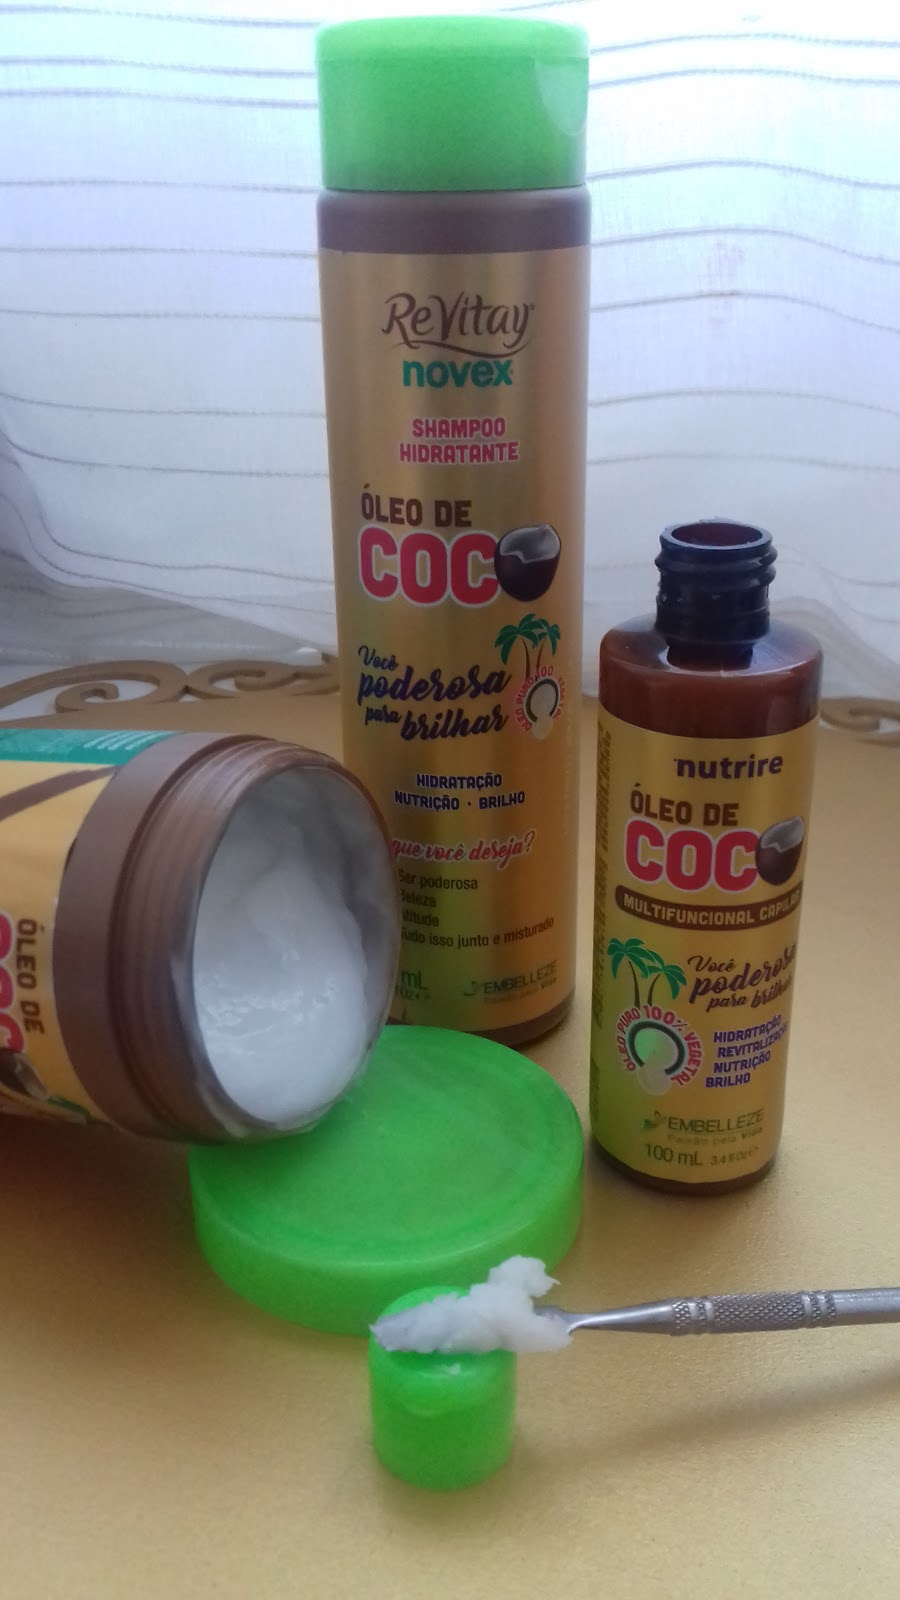 Oleo de coco embelleze - belanaselfie